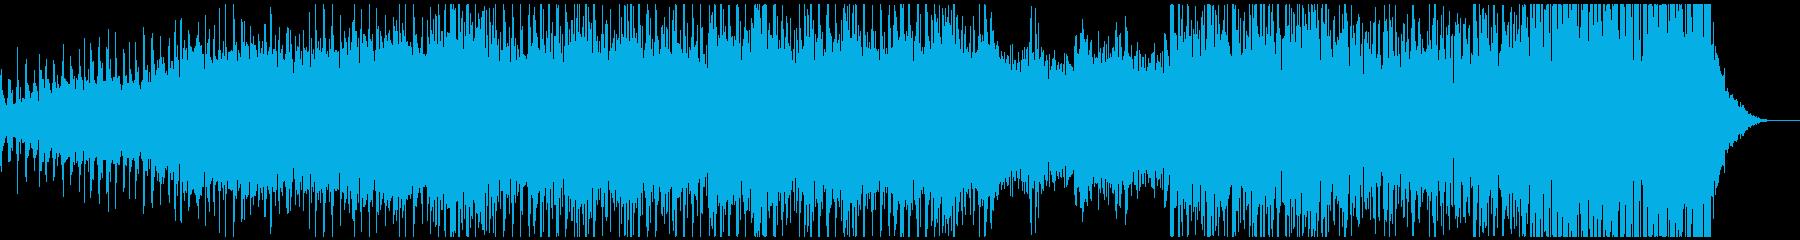 和太鼓ロックの再生済みの波形